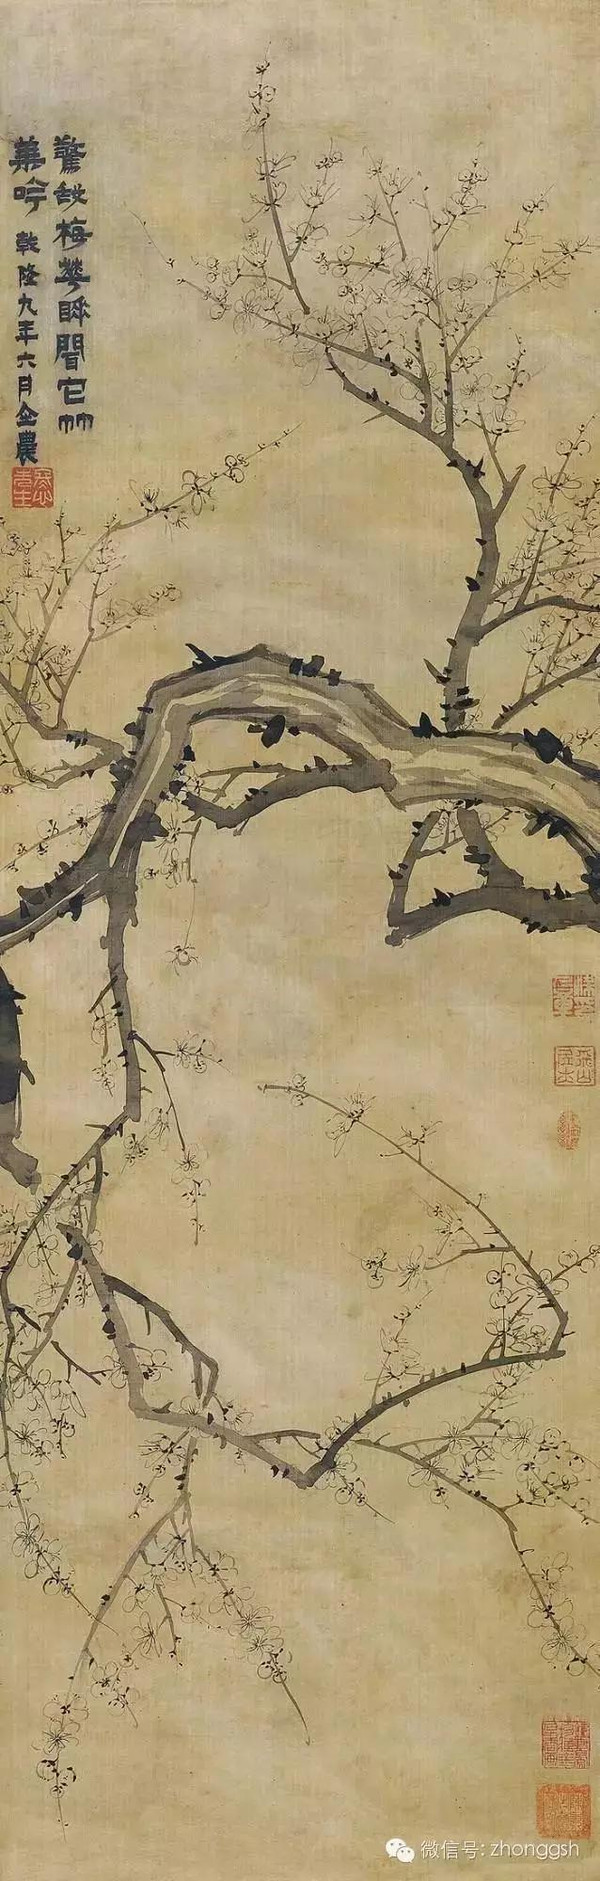 书画知识] 扬州八怪艺术知多少图片